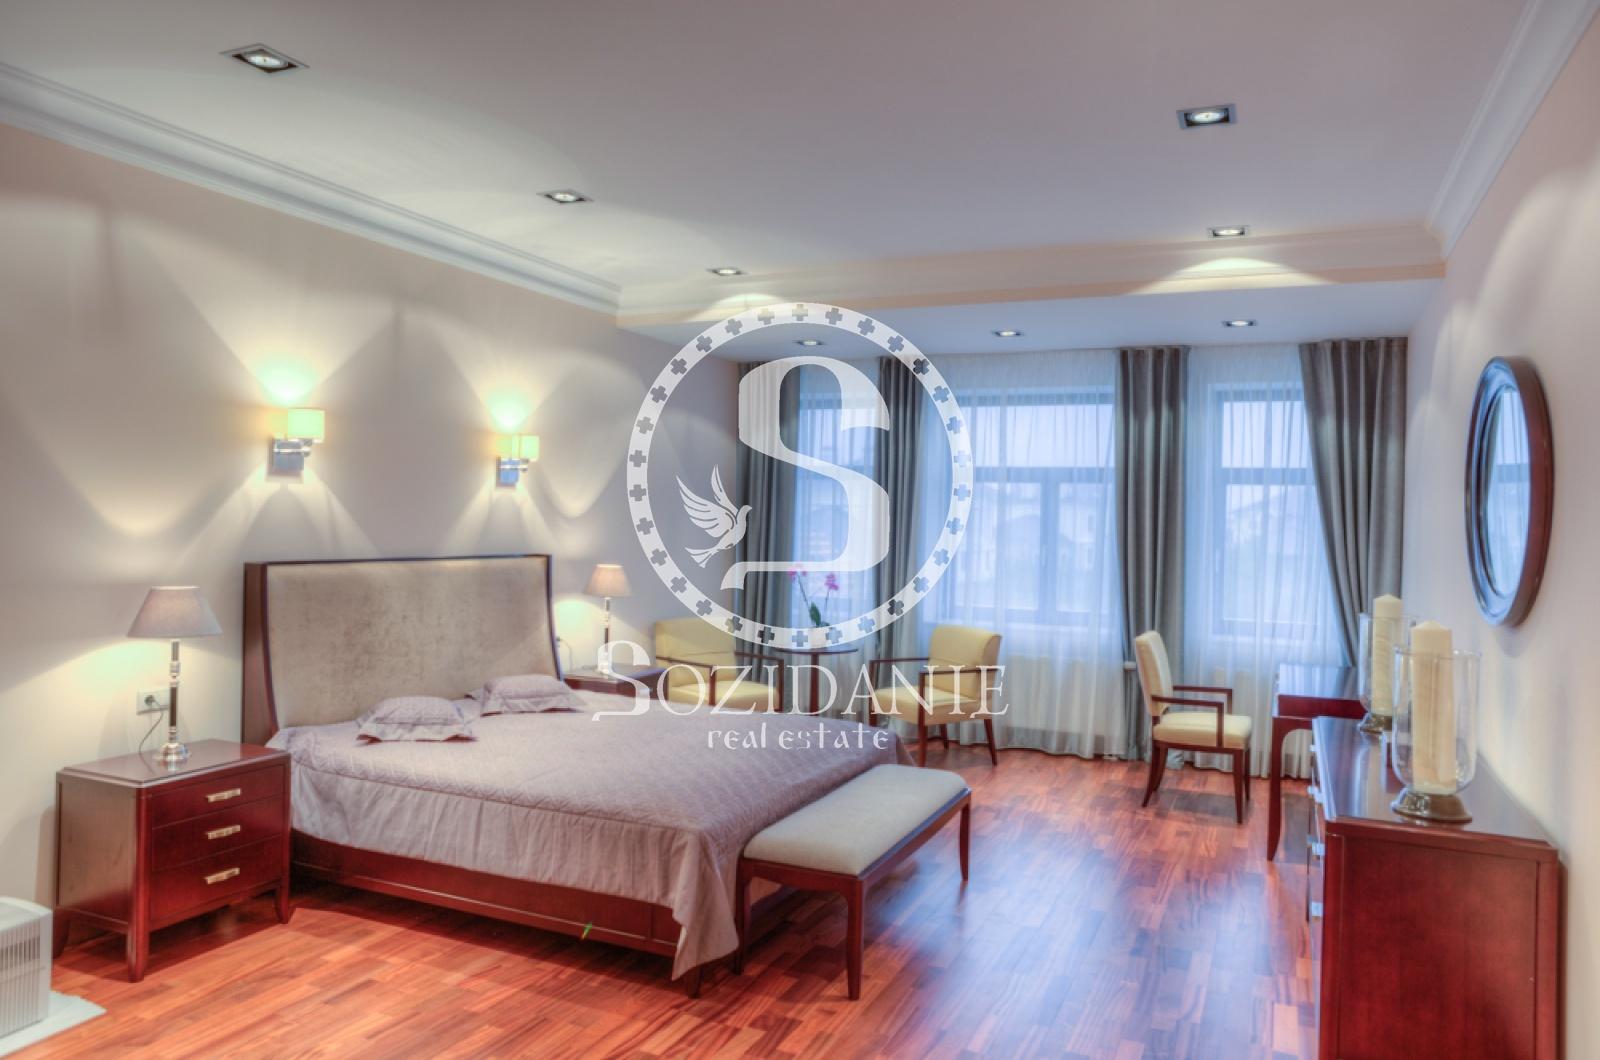 4 Bedrooms, Загородная, Продажа, Listing ID 1244, Московская область, Россия,